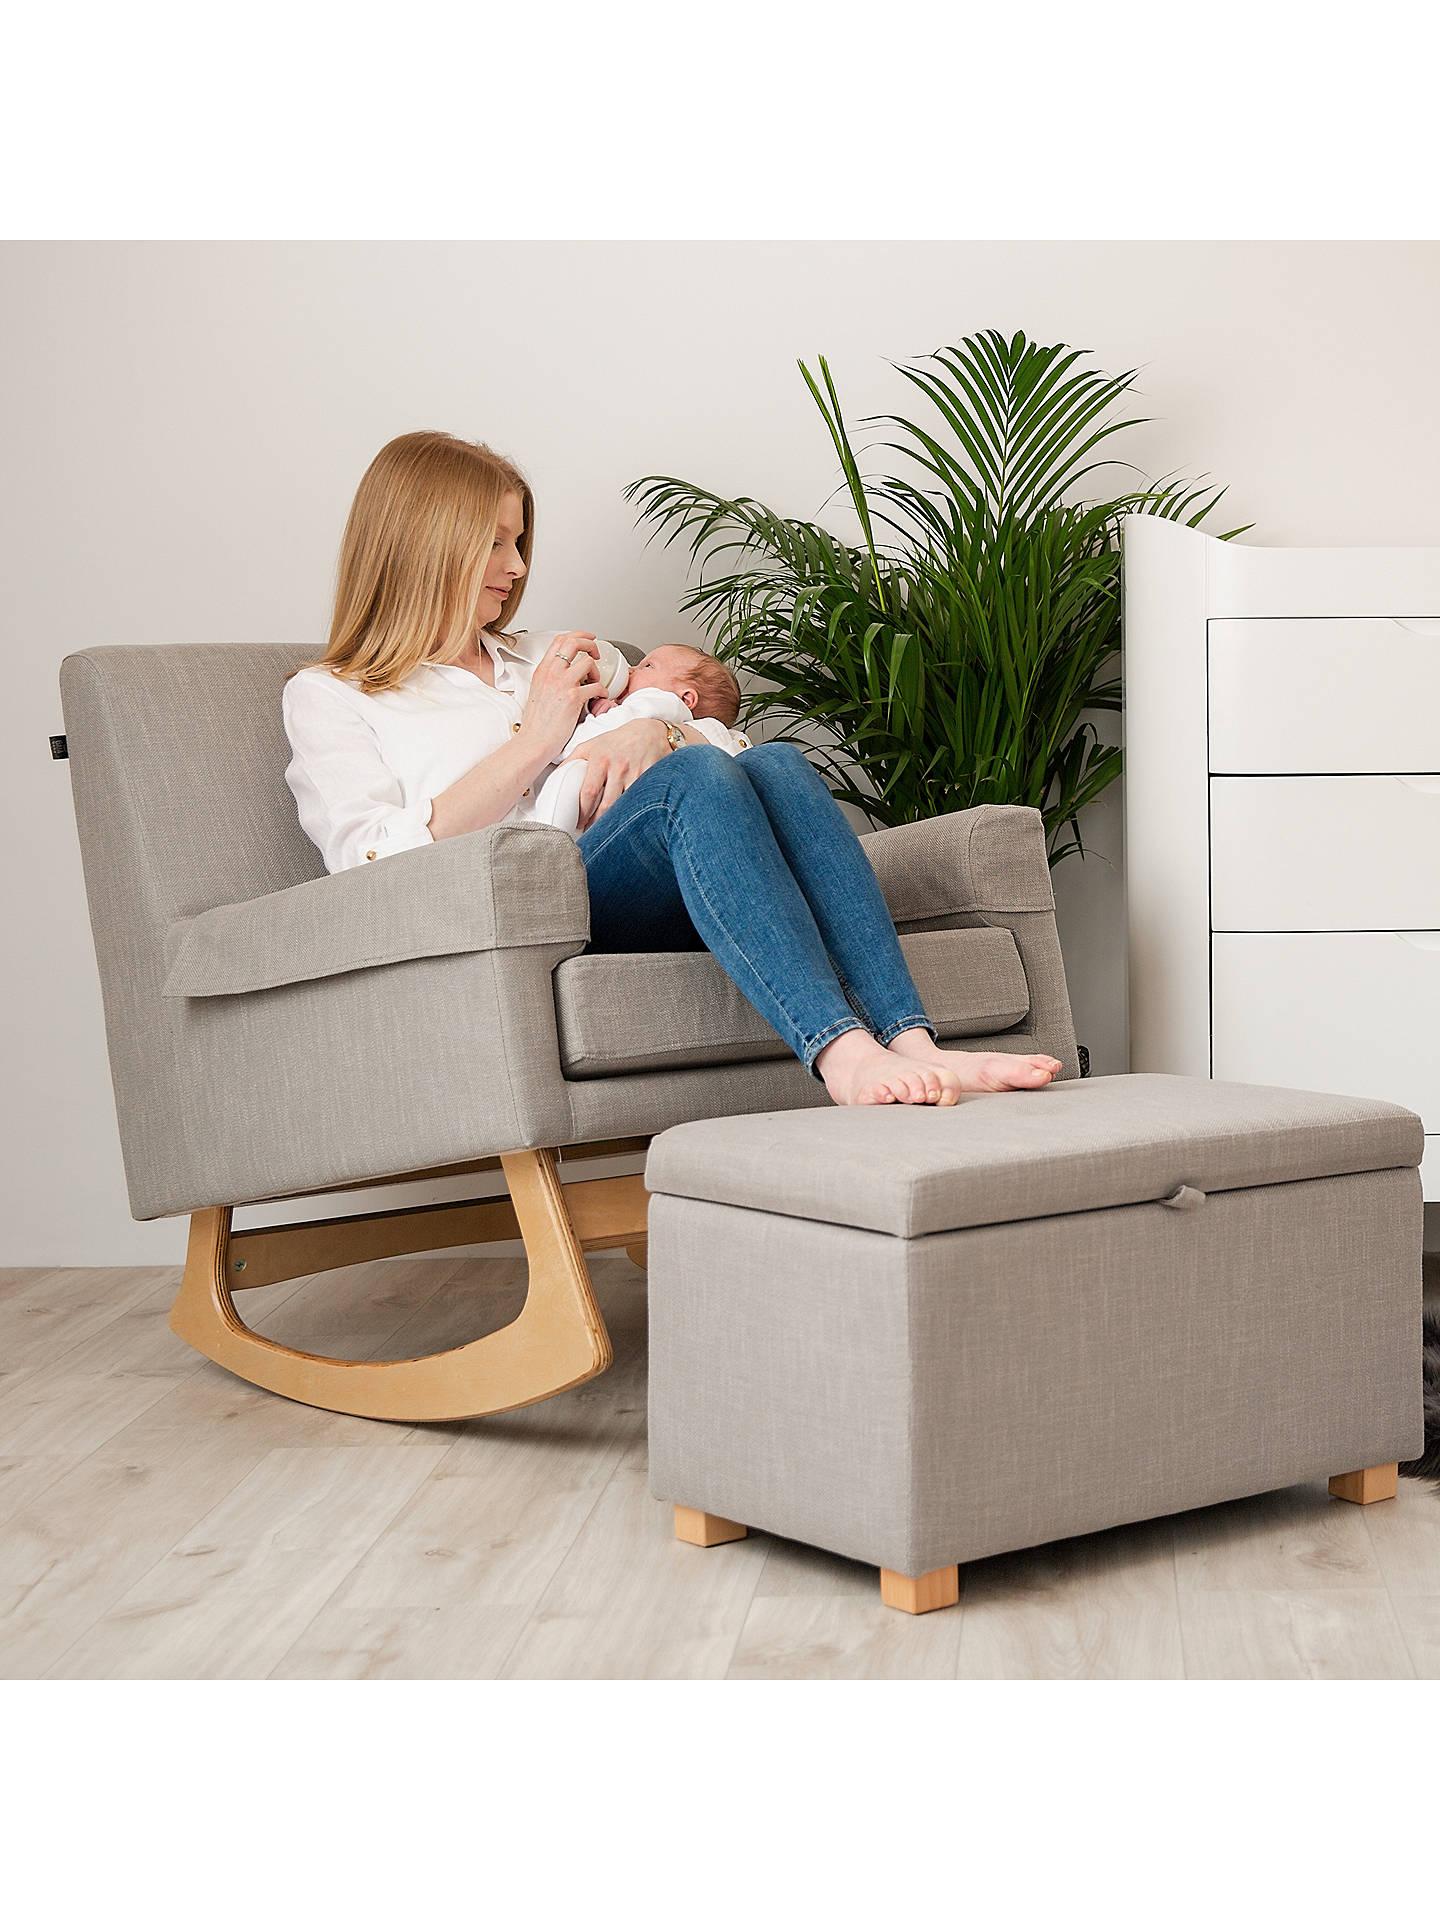 Wondrous Gaia Baby Serena Nursing Rocking Chair Oat Short Links Chair Design For Home Short Linksinfo